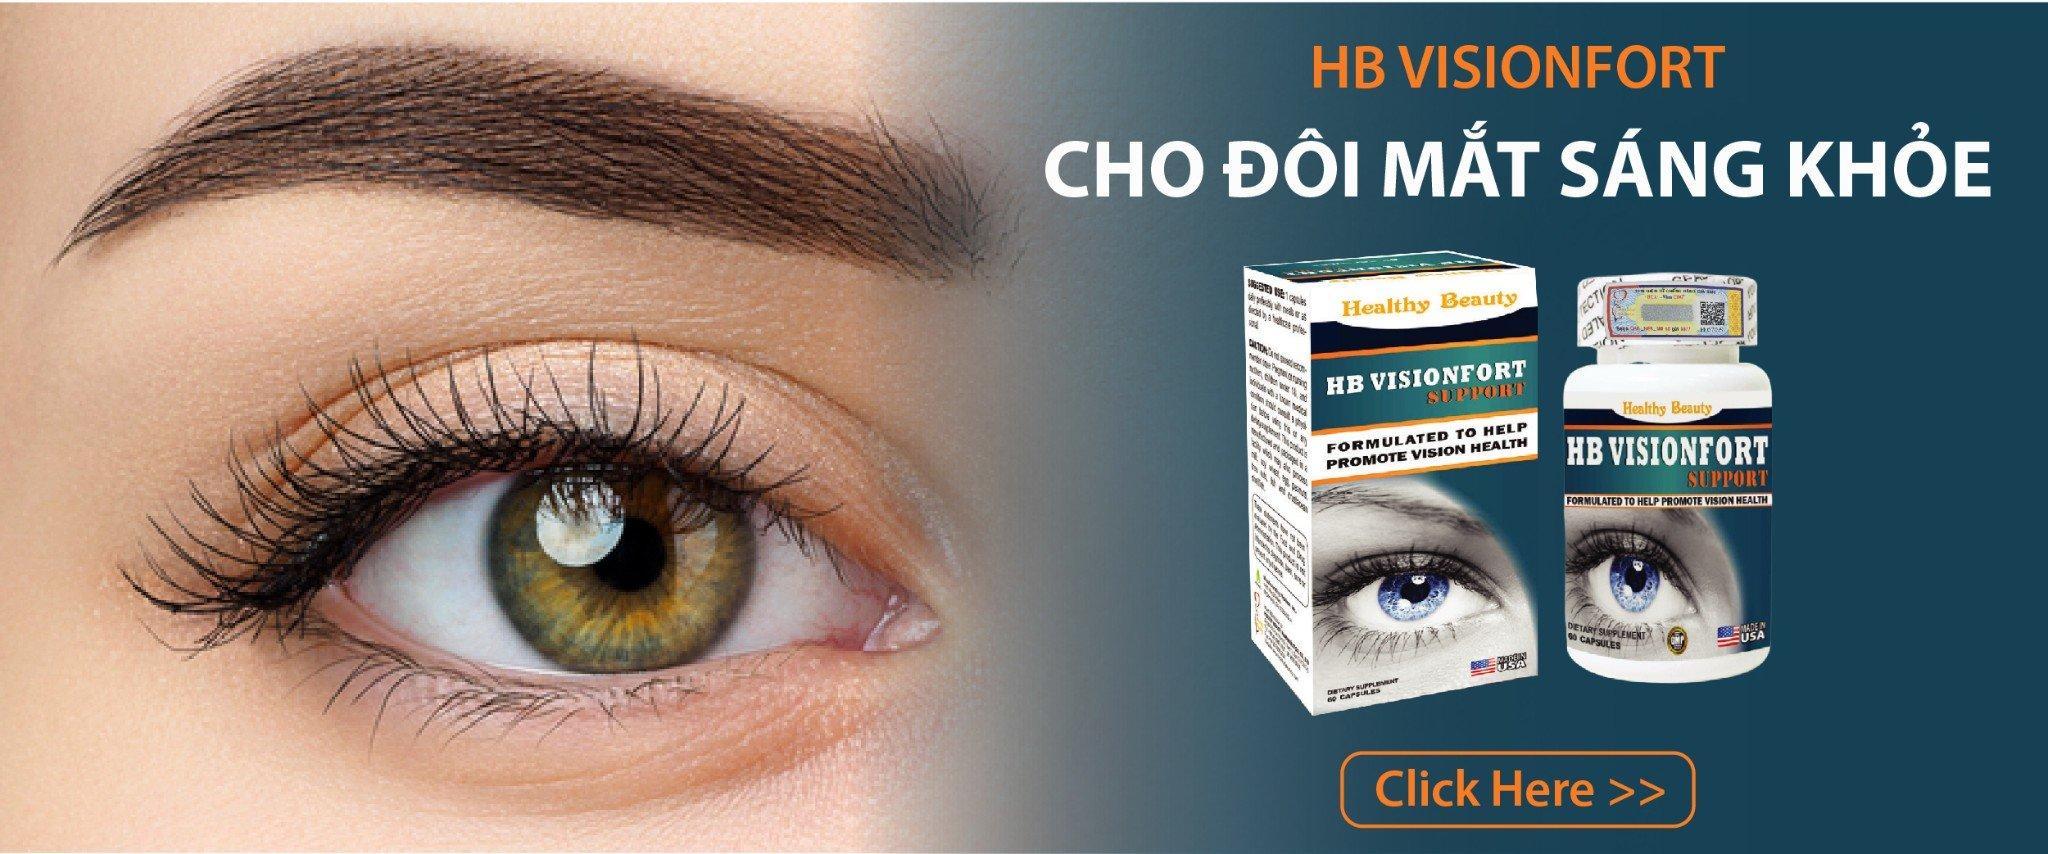 HB VisionFort 30 viên và 60 viên